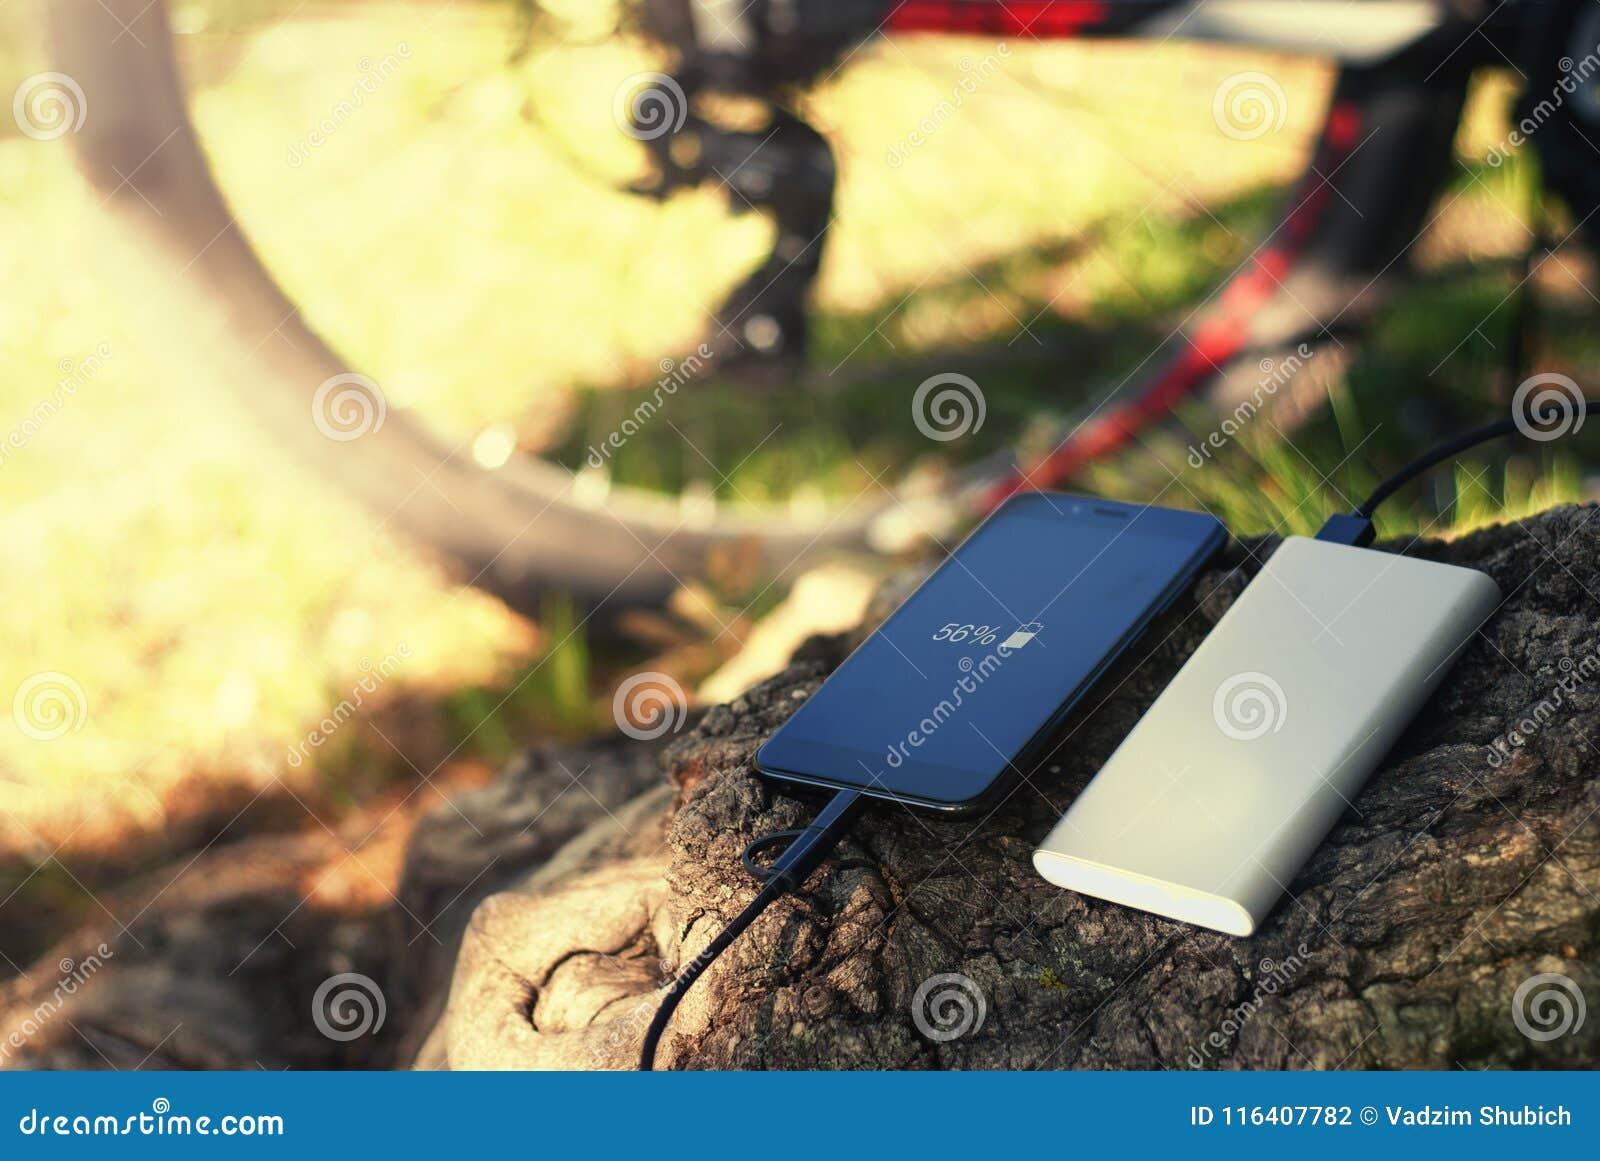 En bärbar uppladdare laddar smartphonen Driva banken med kabel mot bakgrunden av trä och cykeln